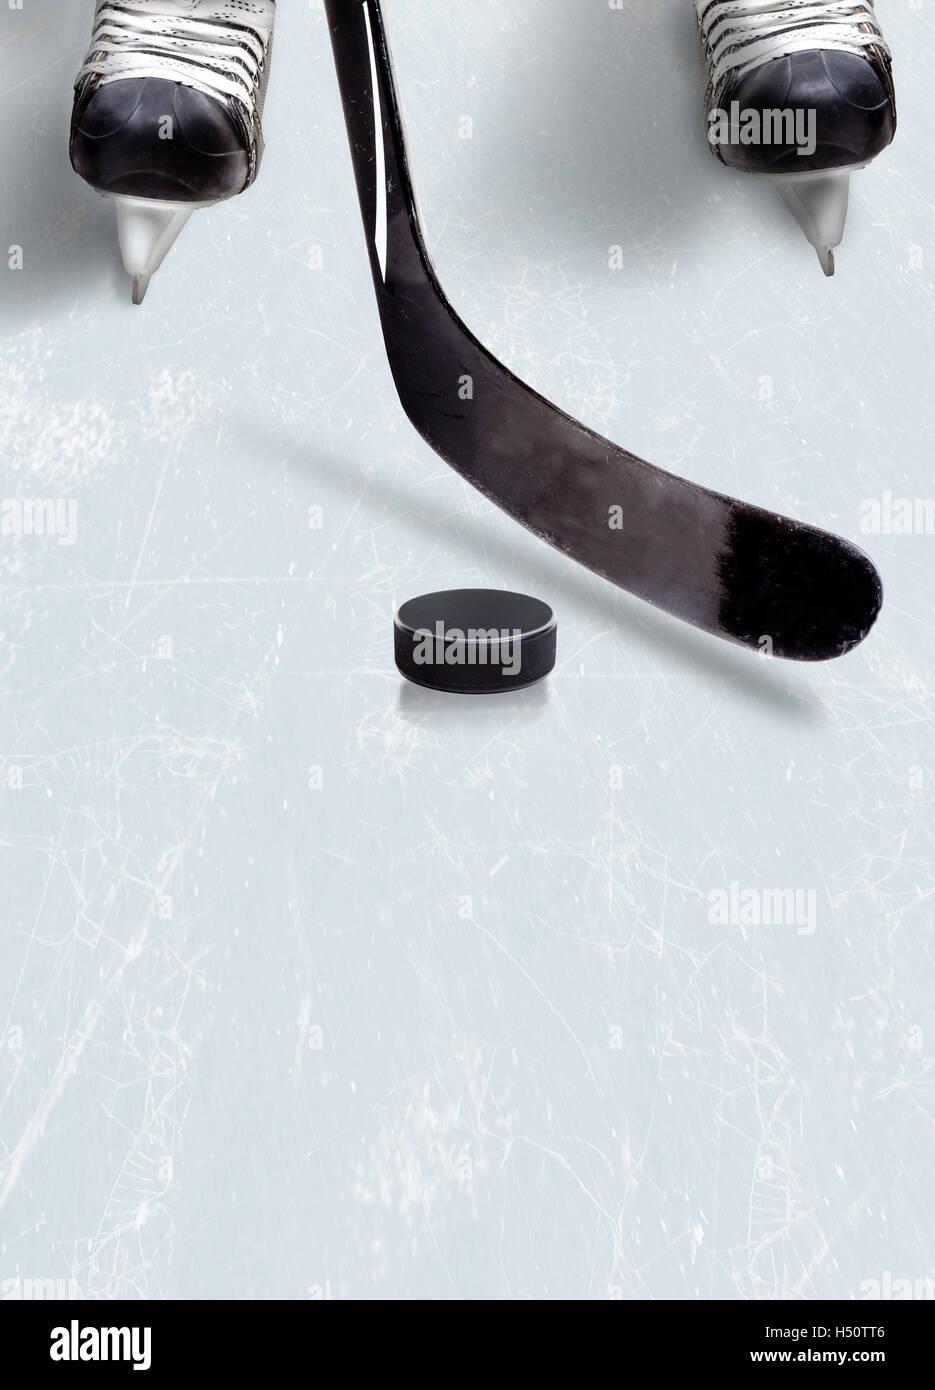 Bâton de hockey et une rondelle sur la glace avec des patins du joueur montrant partically et copiez l'espace. Photo Stock